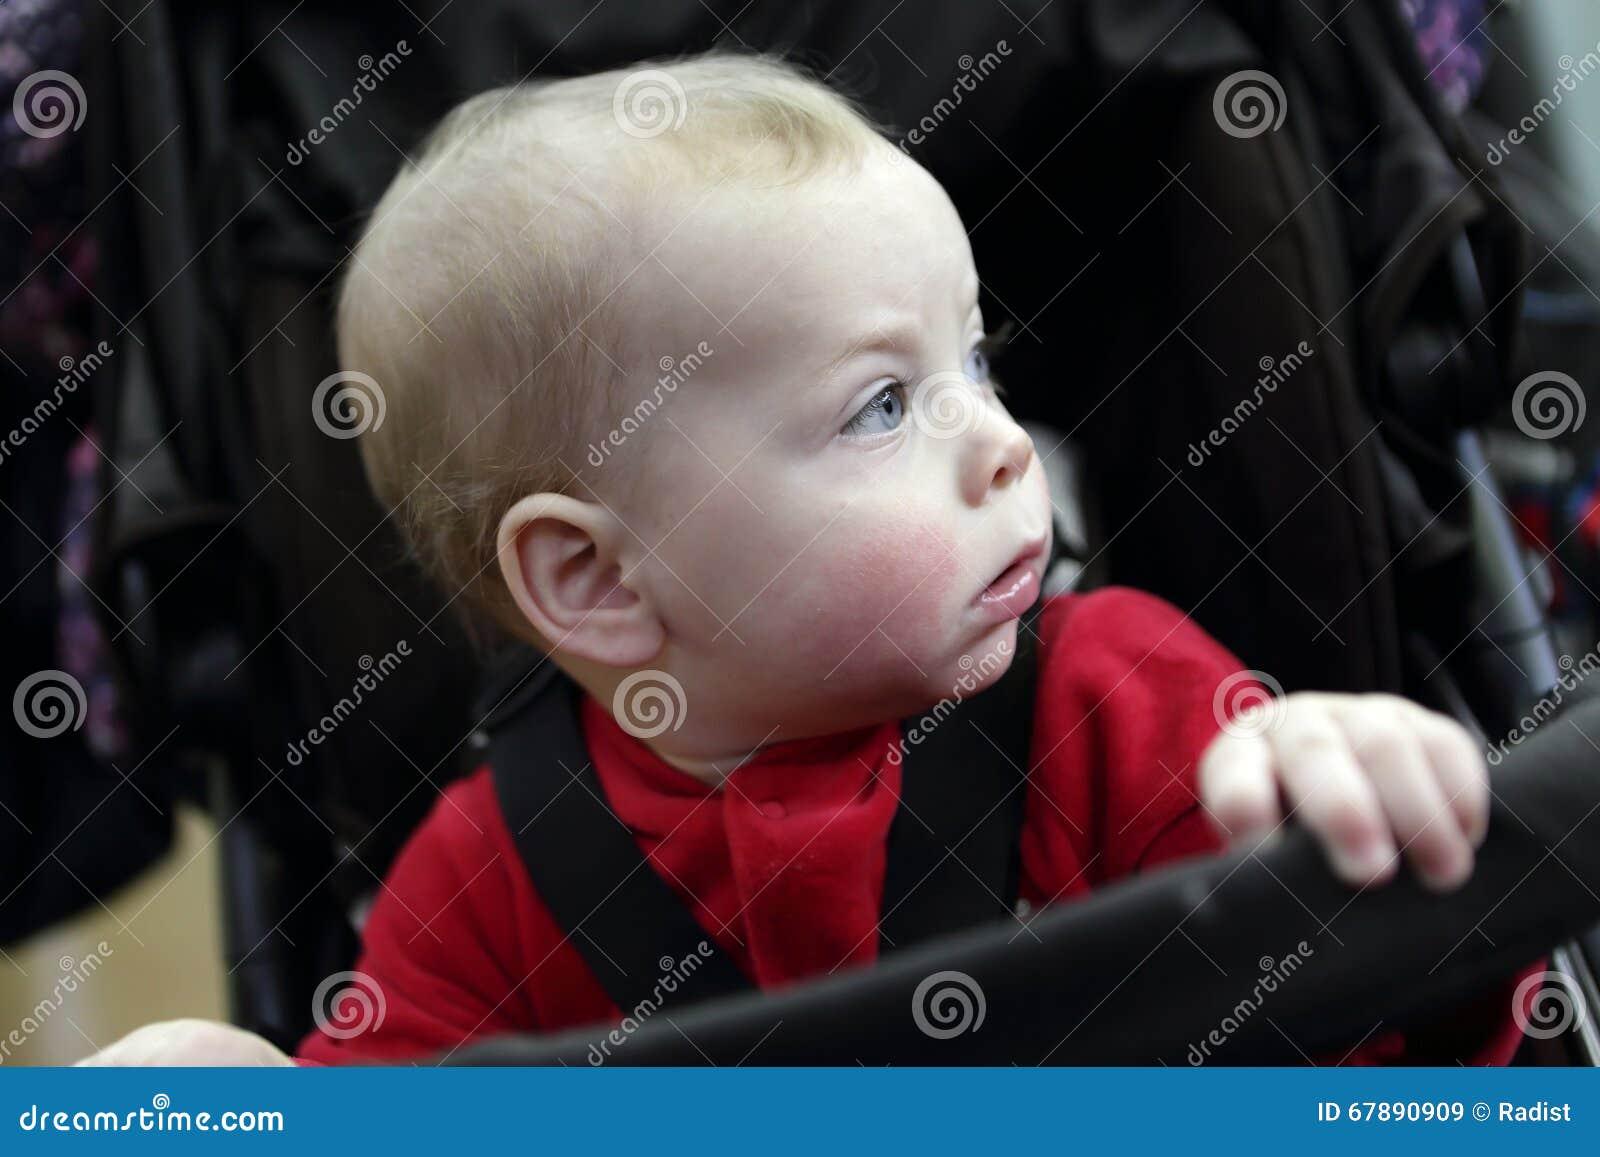 婴儿推车的小孩